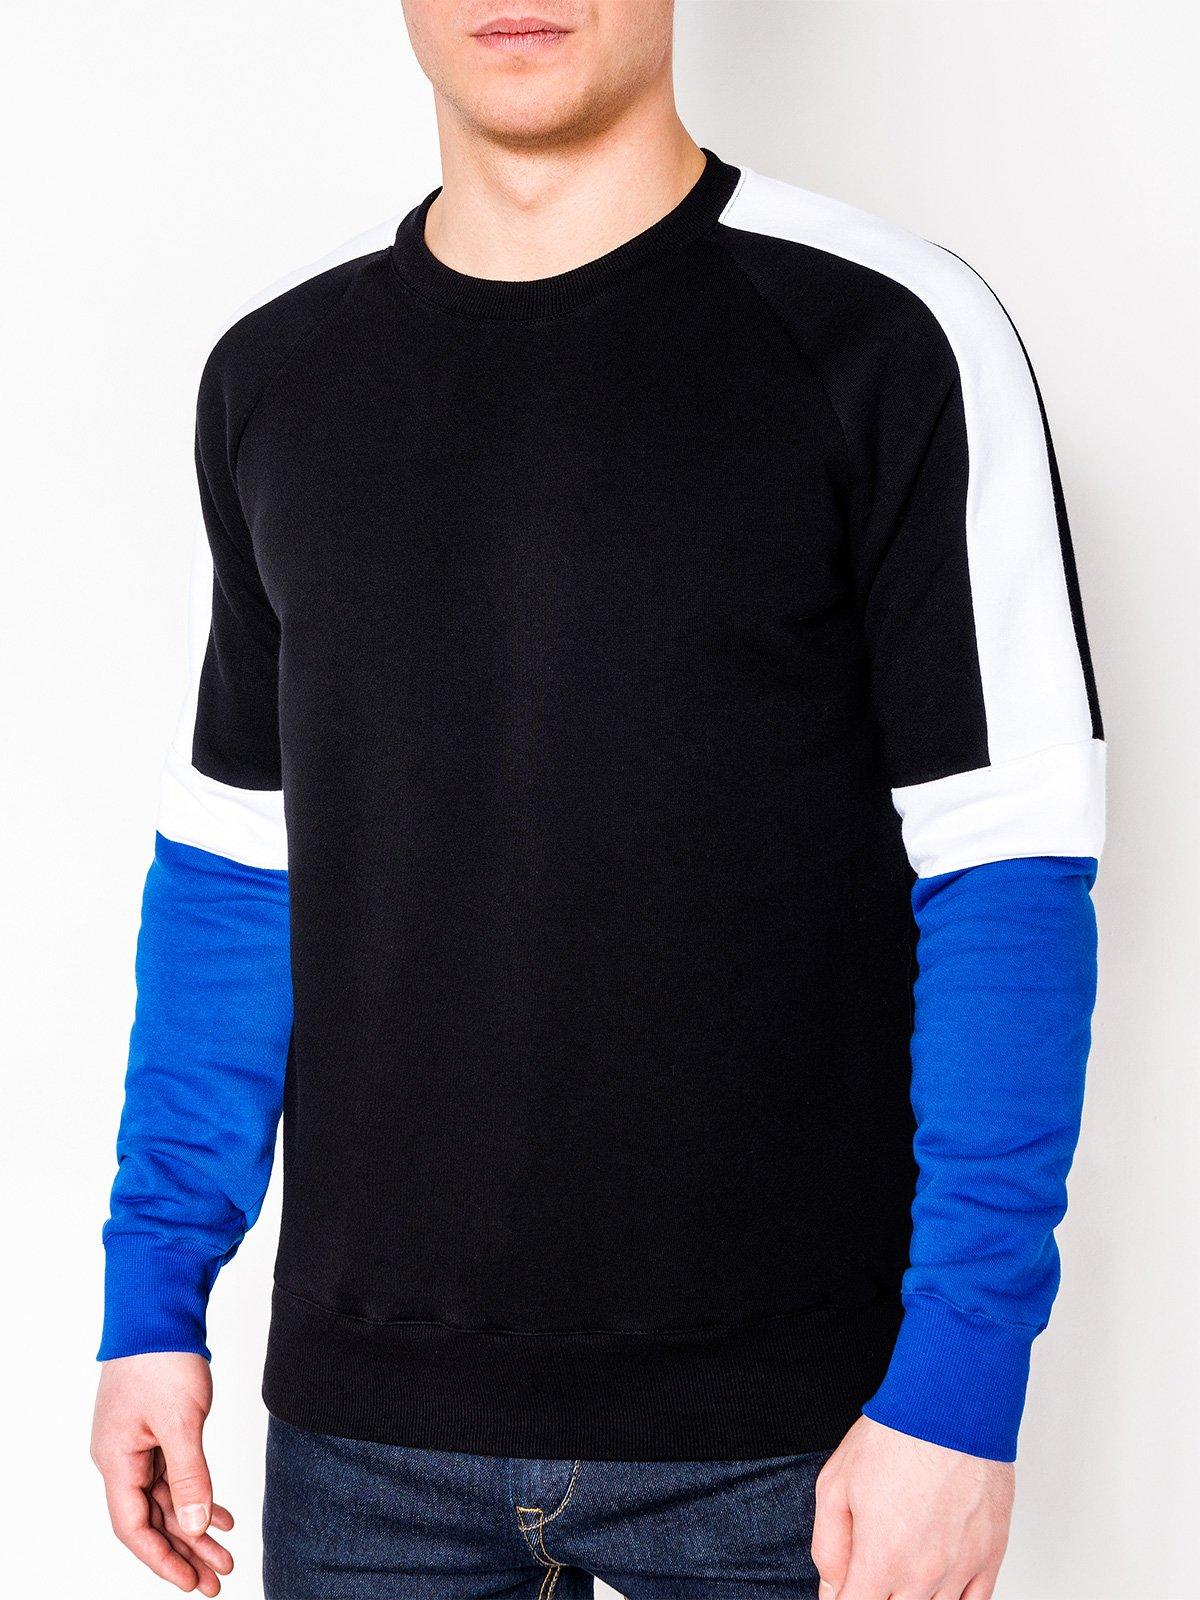 Bluza męska bez kaptura 872B czarna